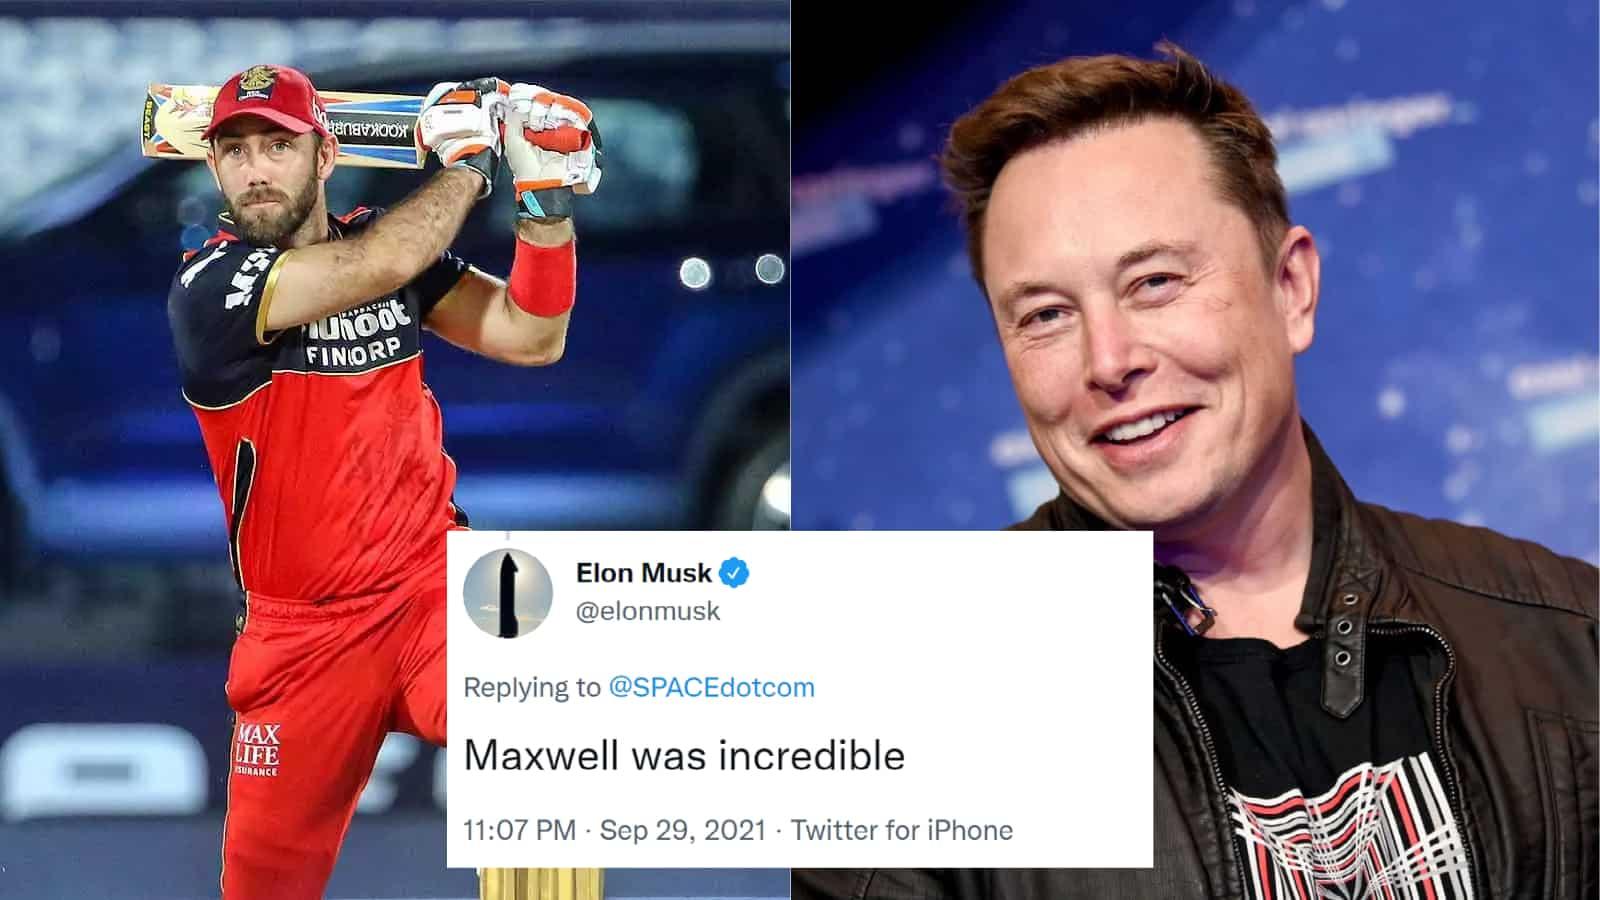 Elonmusk-rcb-maxwell-tweet-KreedOn